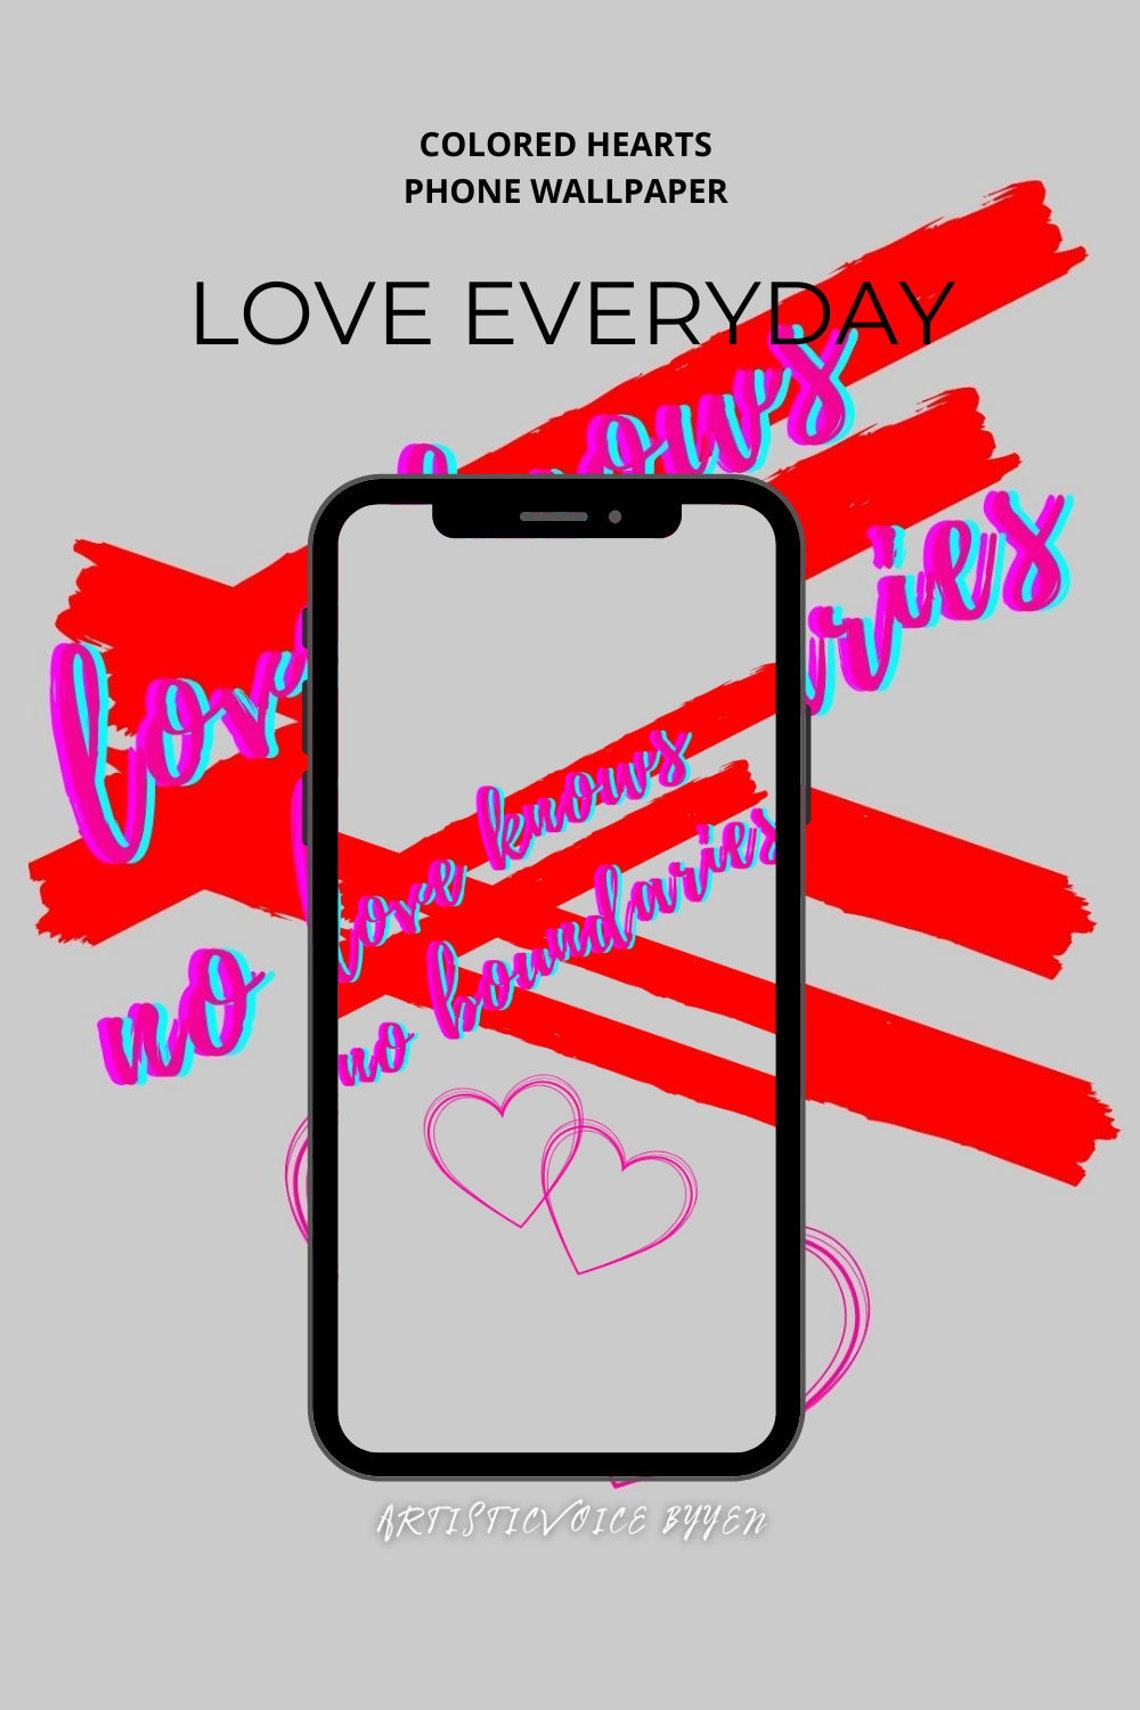 Liebe jeden Tag rosa Telefon Wallpaper. Liebe kennt keine